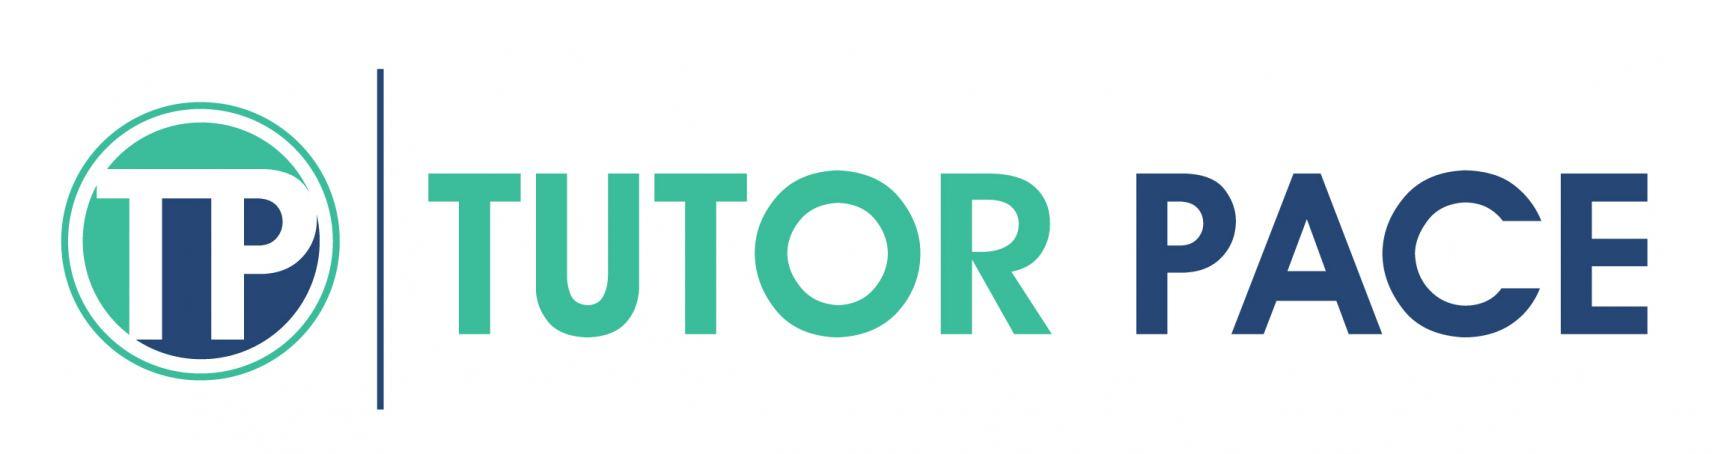 cs tutoring